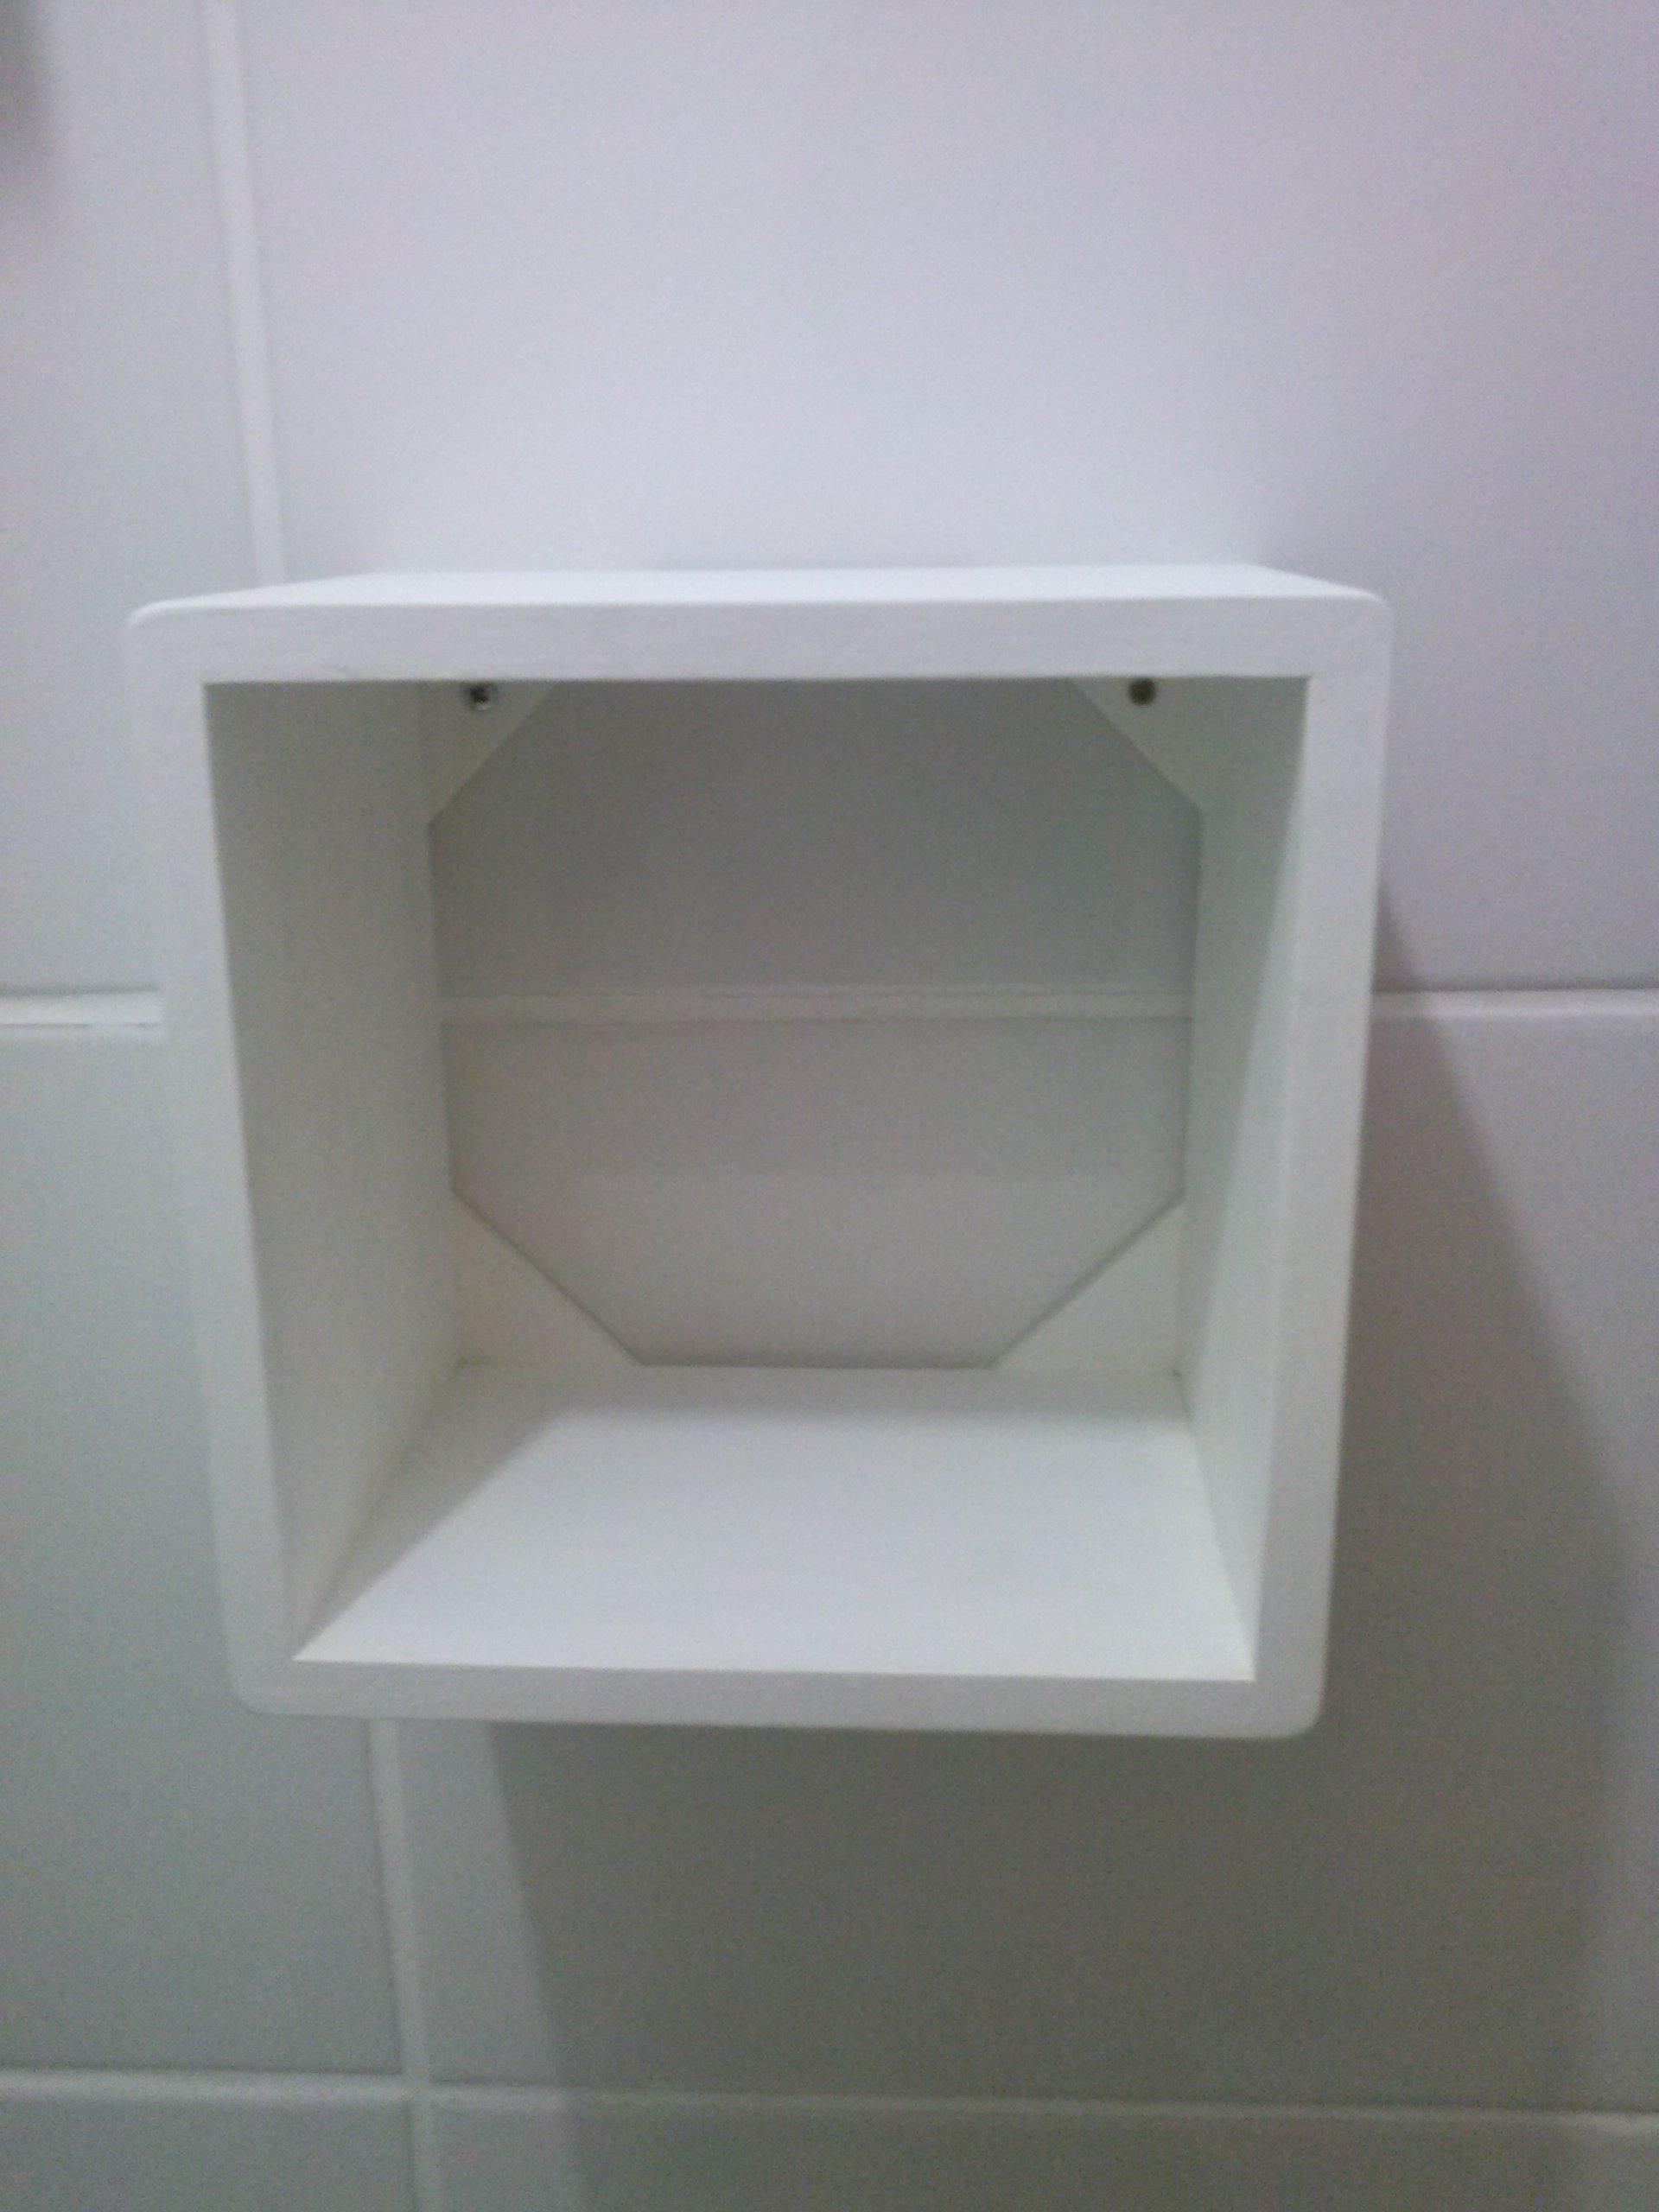 Nichos MDF 20cm  Teca e filha Artes  Elo7 -> Nicho Para Banheiro Pronto